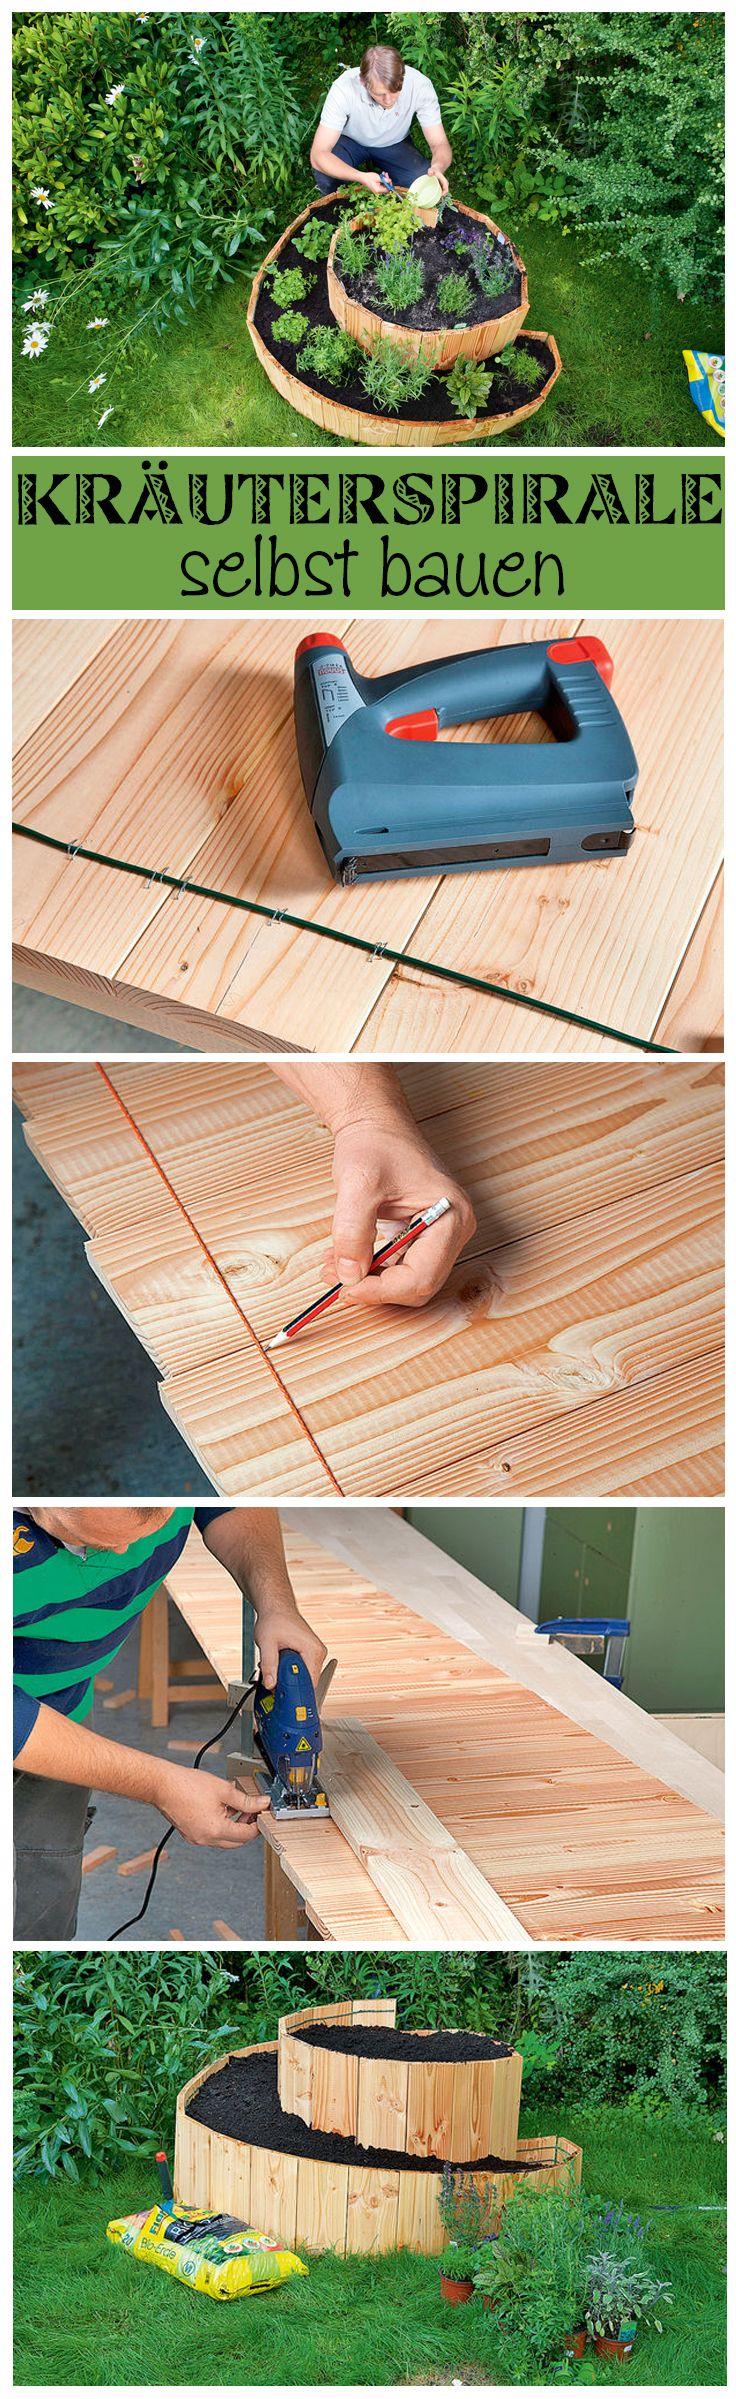 Eine Kräuterspirale bietet den Vorteil, dass man viele Kräuter auf kleinem Raum anpflanzen kann und die Kräuter durch die Spirale zudem optimal gewässert werden. Die Kräuterschnecke aus Holz kann man schnell und einfach selbst bauen. Wir zeigen, wie es geht.